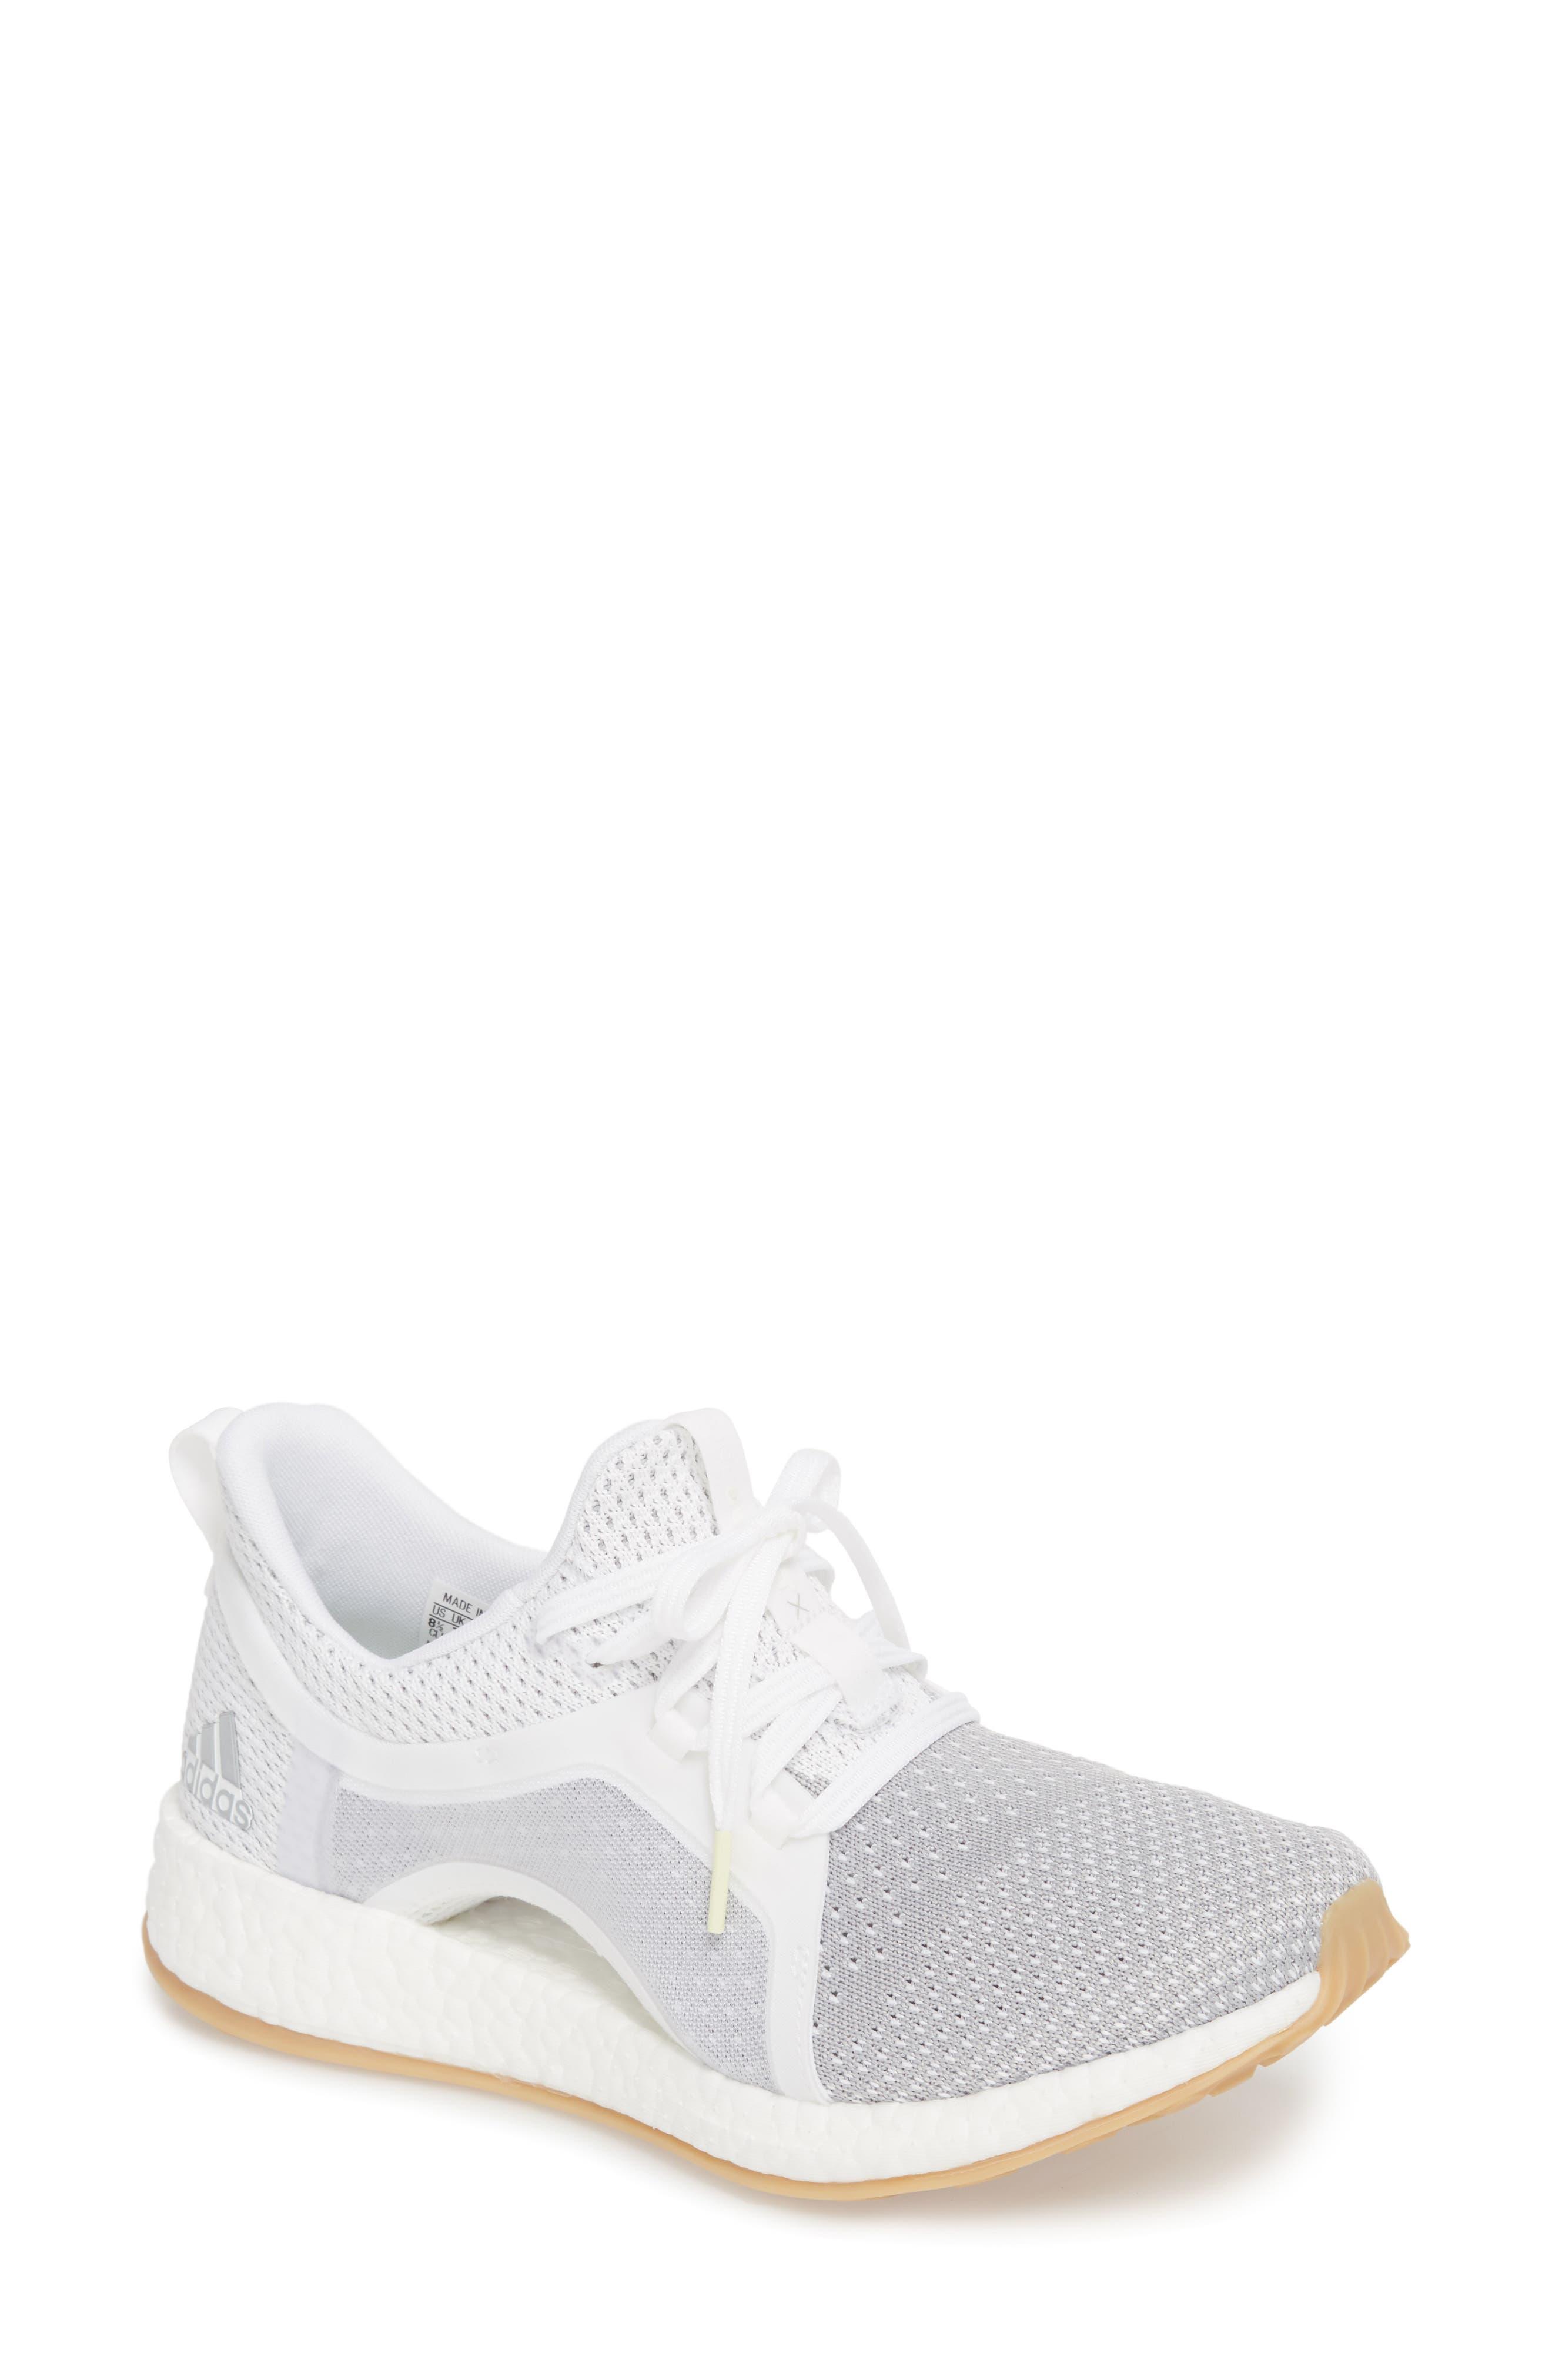 Pureboost X Clima Sneaker,                         Main,                         color, 100